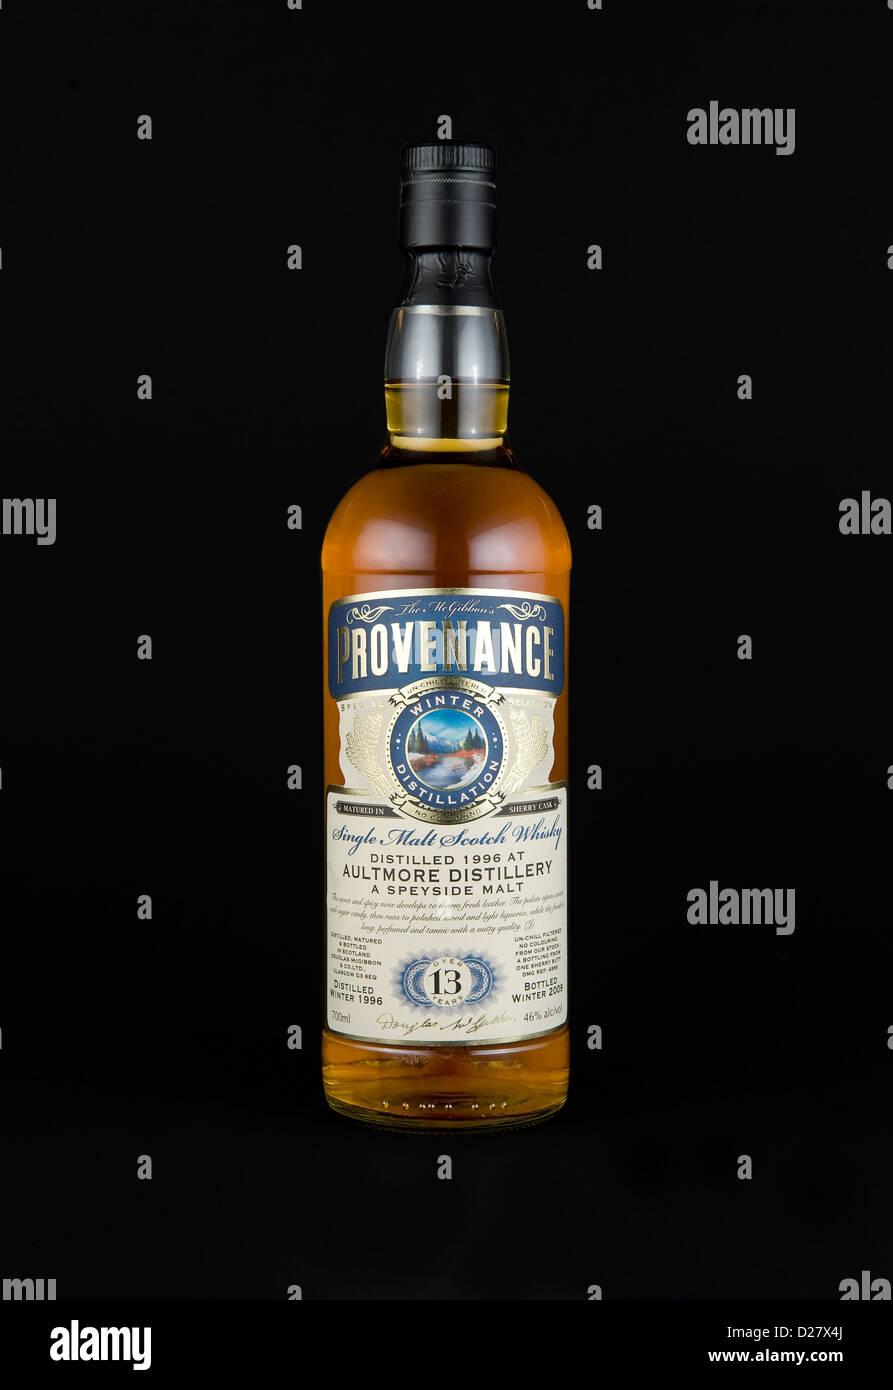 bottle of provenance single malt scotch whisky - Stock Image